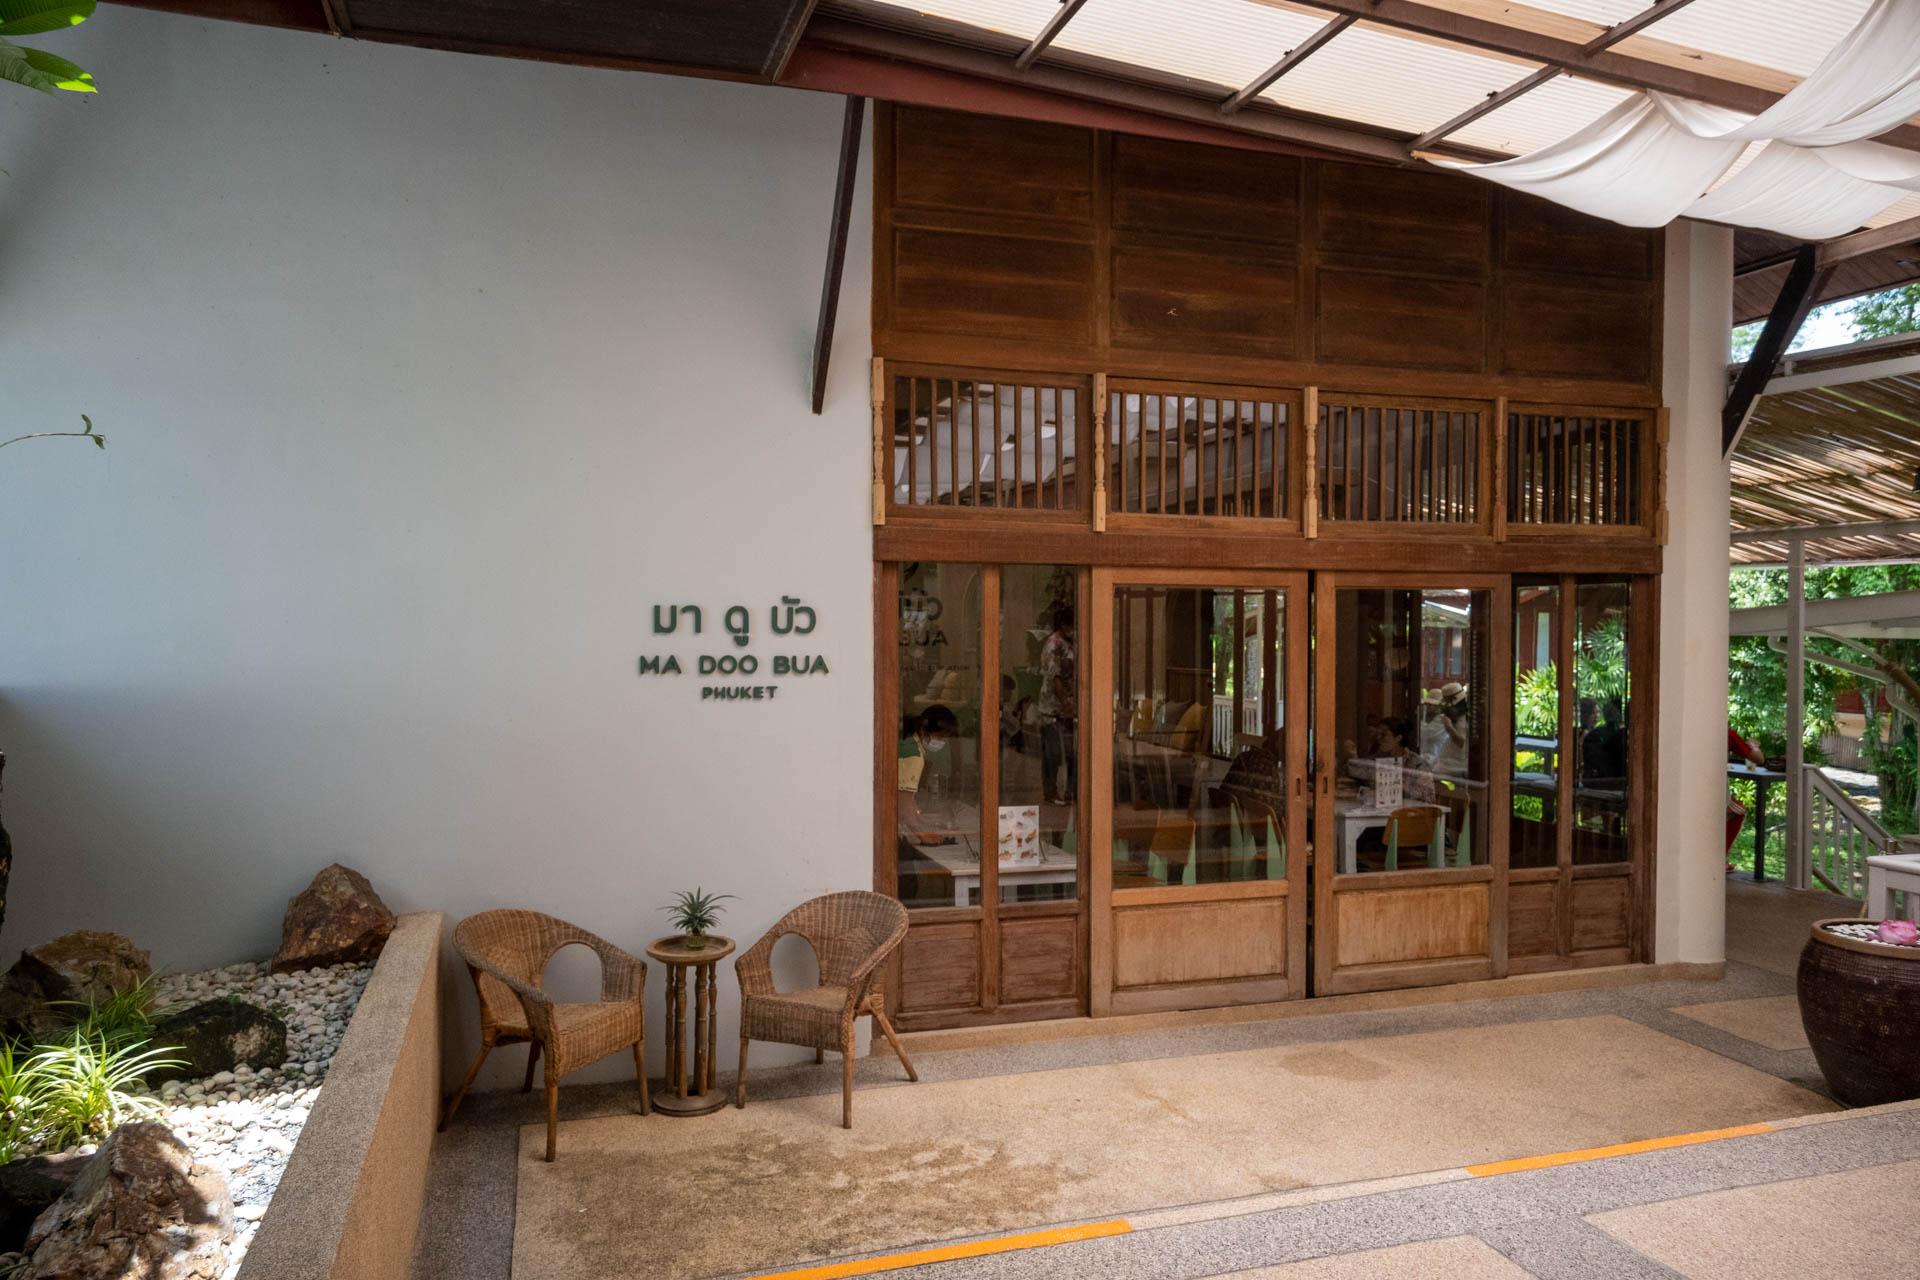 Ma Doo Bua Cafe' l มา ดู บัว ภูเก็ต คาเฟ่สุดชิค ที่สำคัญที่ถ่ายรูปเยอะมาก ๆ